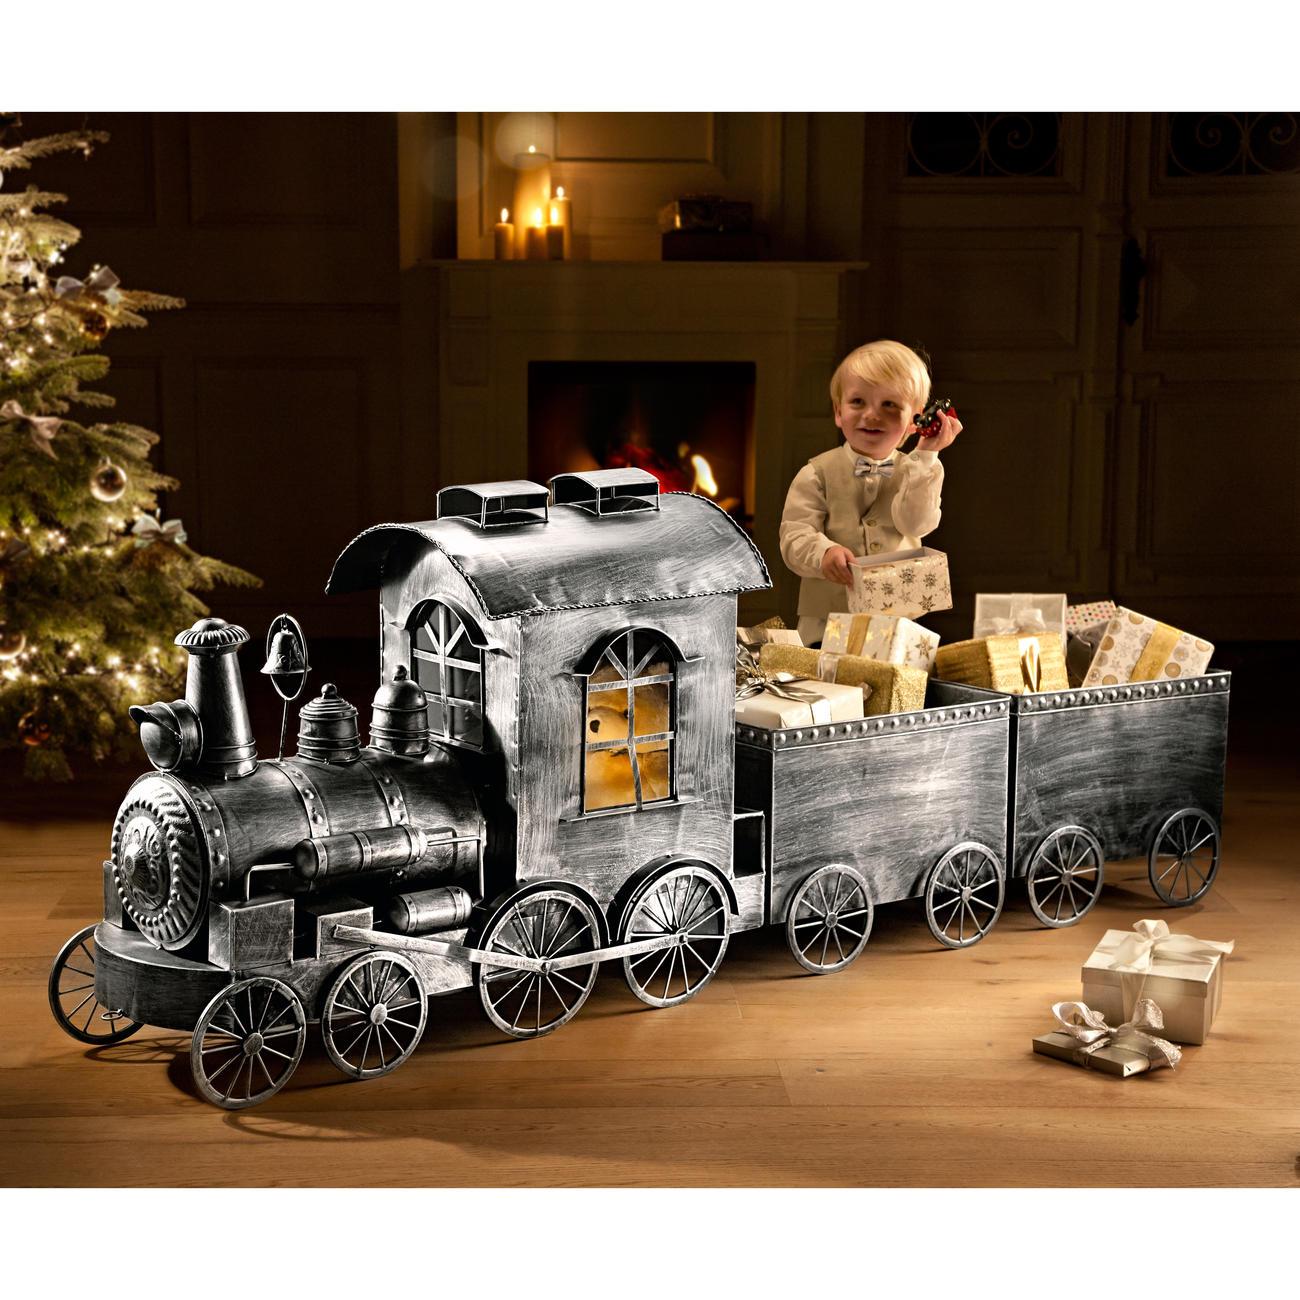 Deko eisenbahn weihnachten my blog - Deko eisenbahn ...